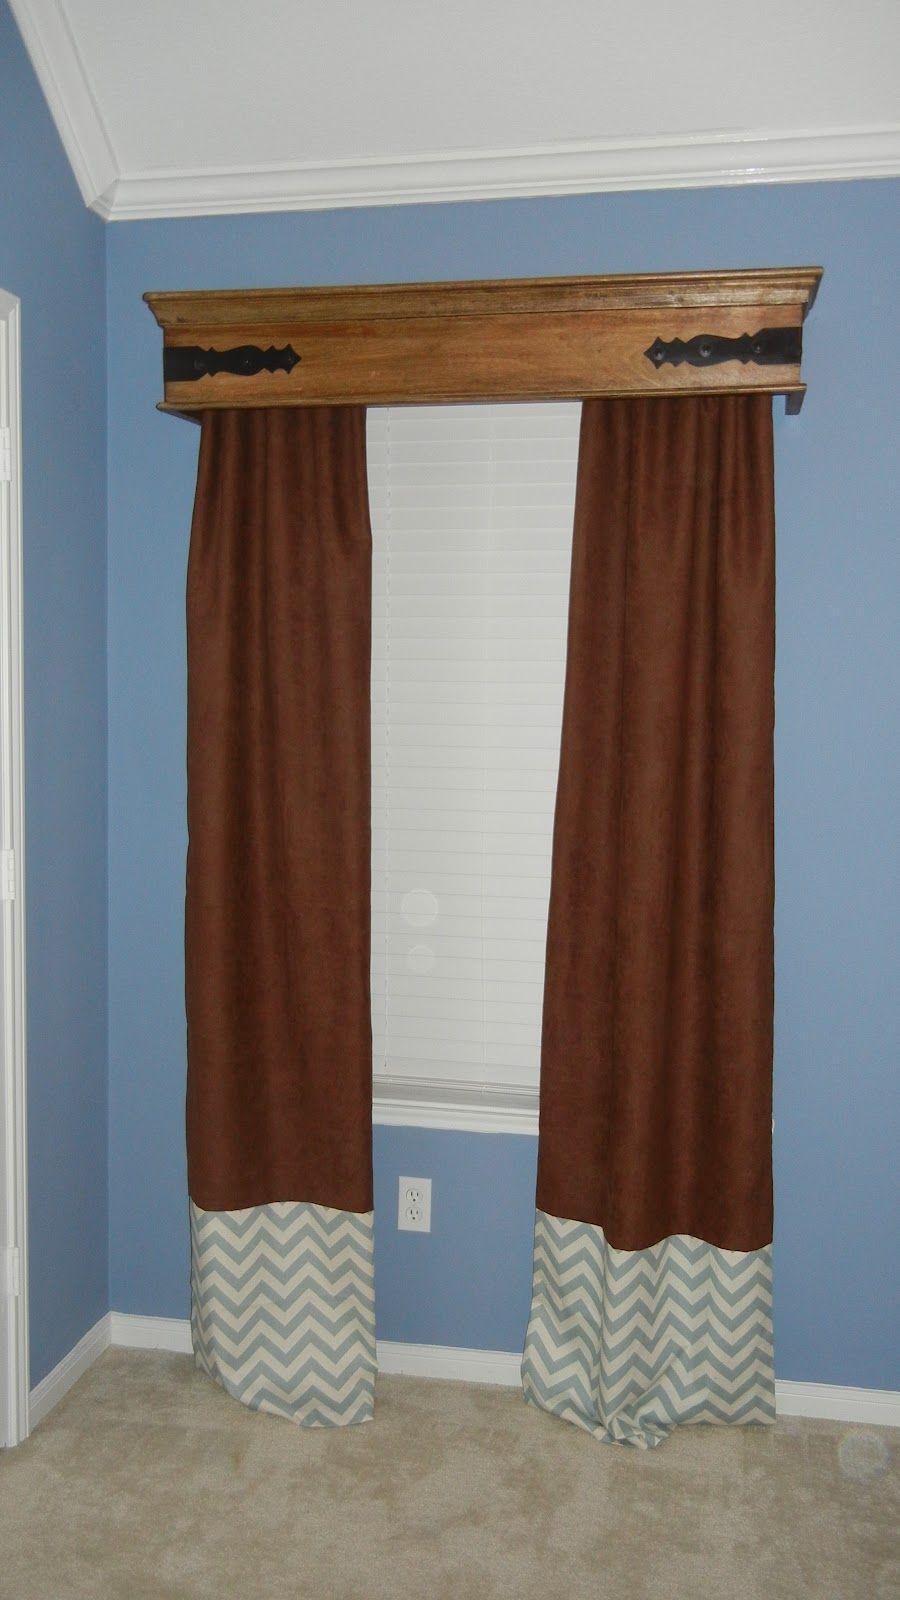 Hmm Cornice Over Sliding Glass Door Wood Valance Wood Valances For Windows Wood Cornice